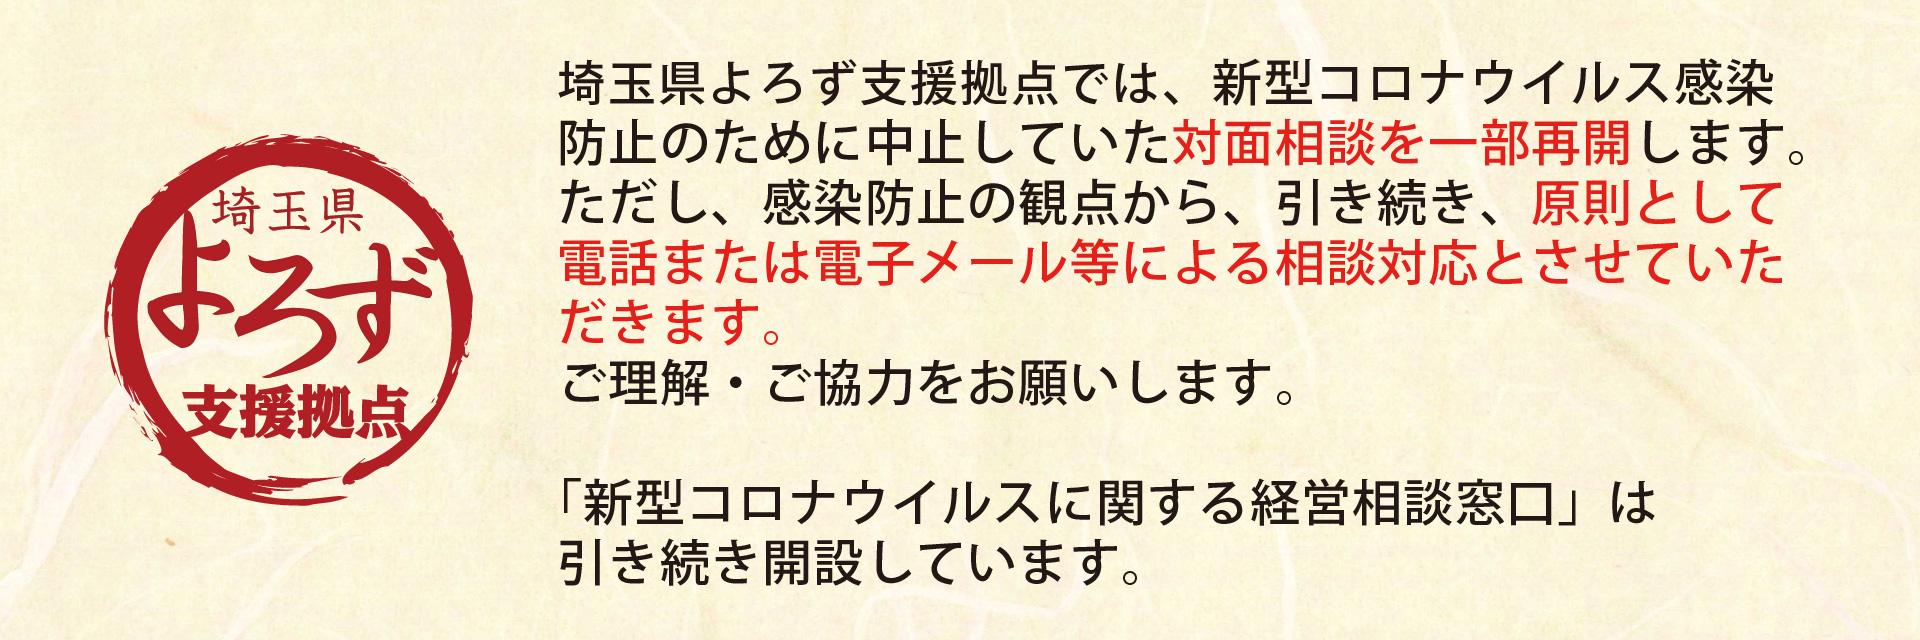 新型 コロナ ウイルス 最新 ニュース 埼玉 県